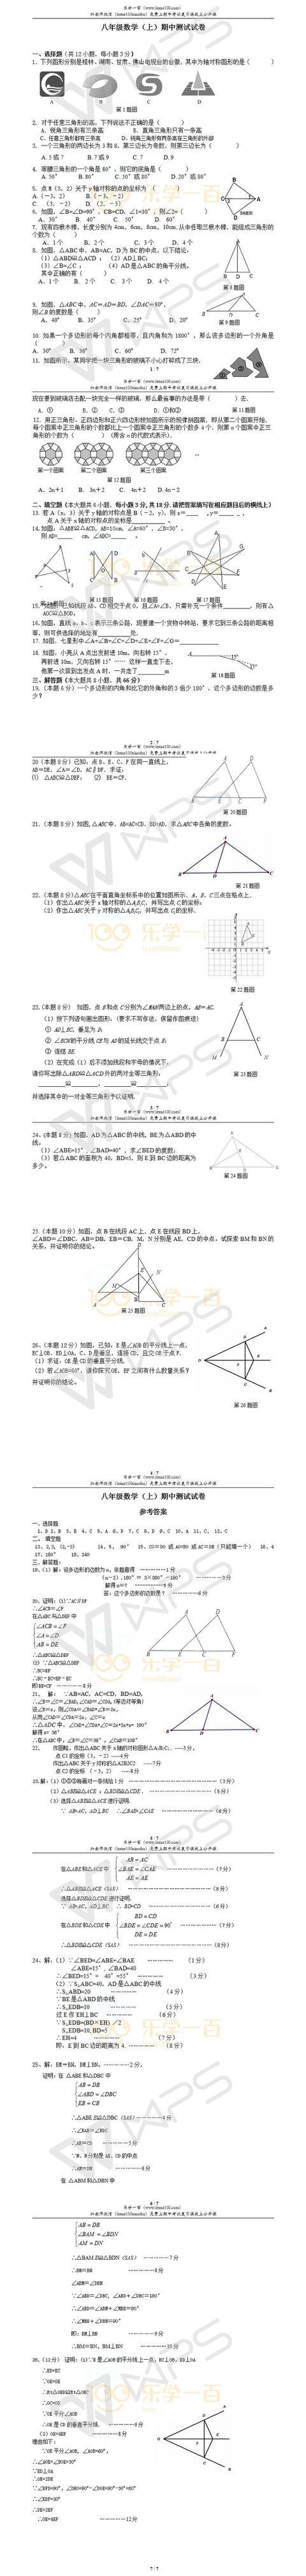 2017年人教版初二数学期中考试模拟卷(试题+答案),可打印!